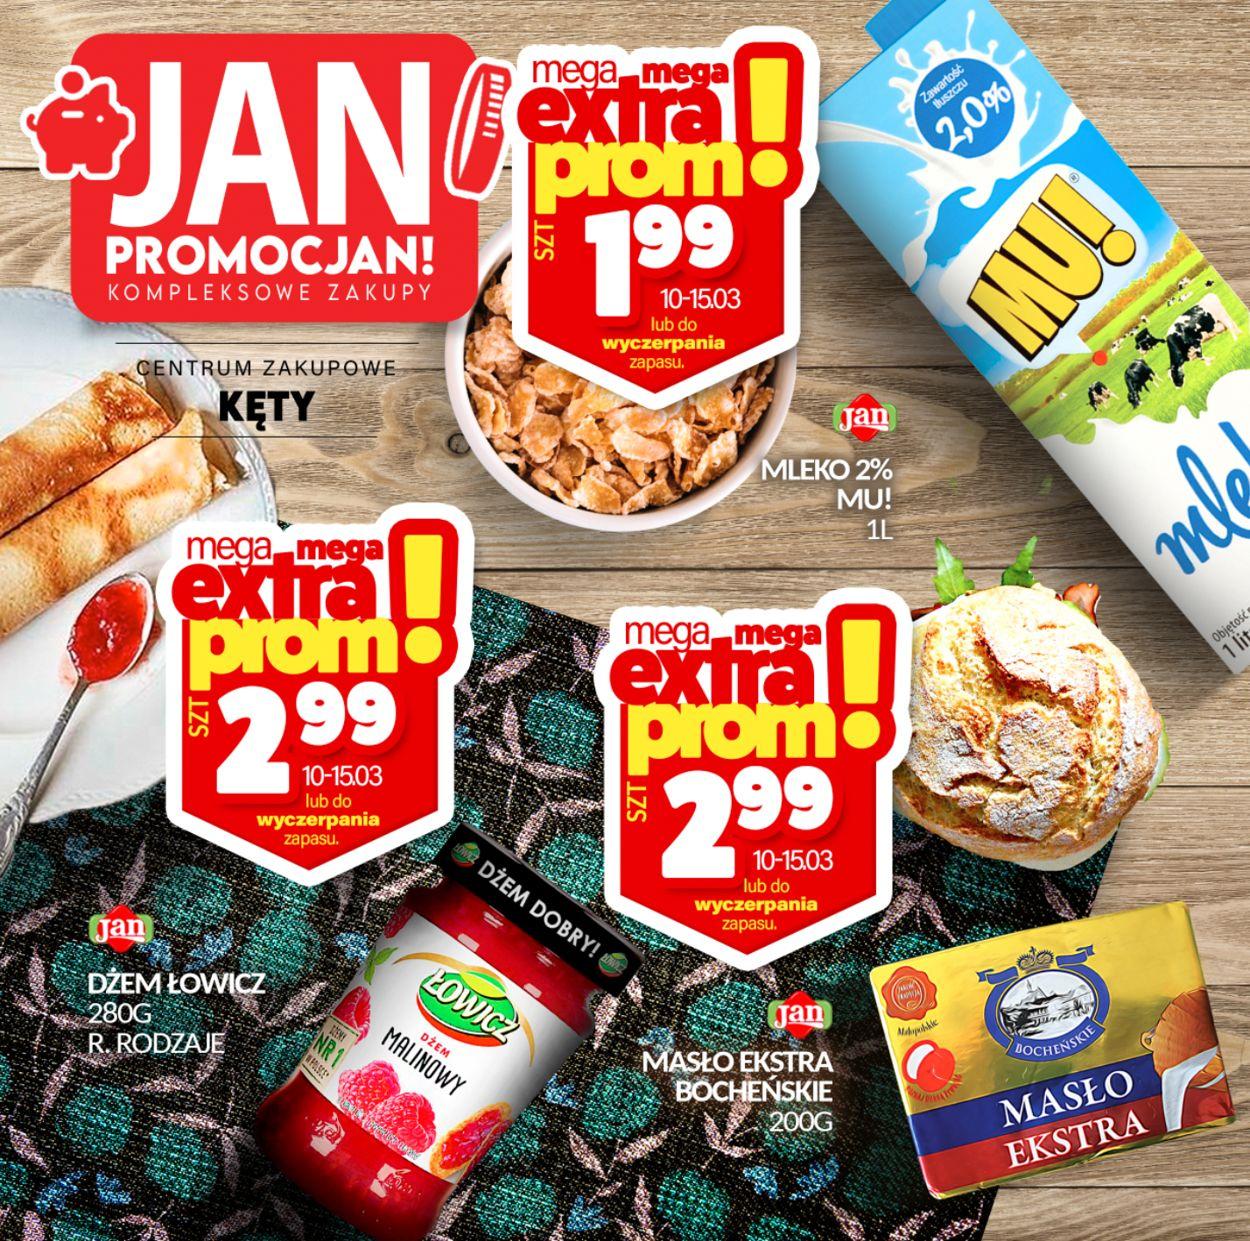 Gazetka promocyjna Market Jan Targ rybny - 27.02-31.03.2021 (Strona 4)